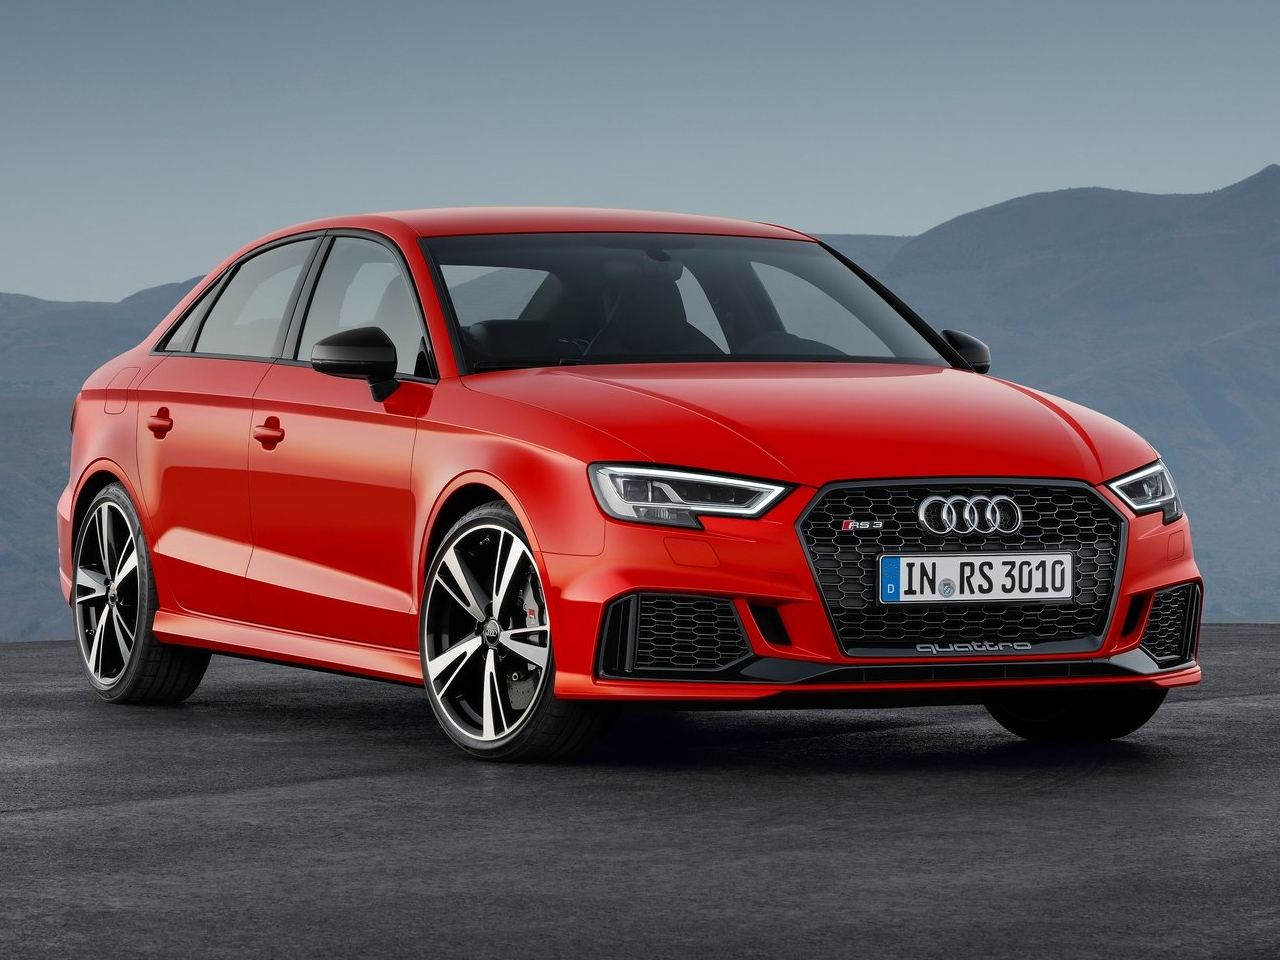 Kelebihan Kekurangan Audi Carros Top Model Tahun Ini